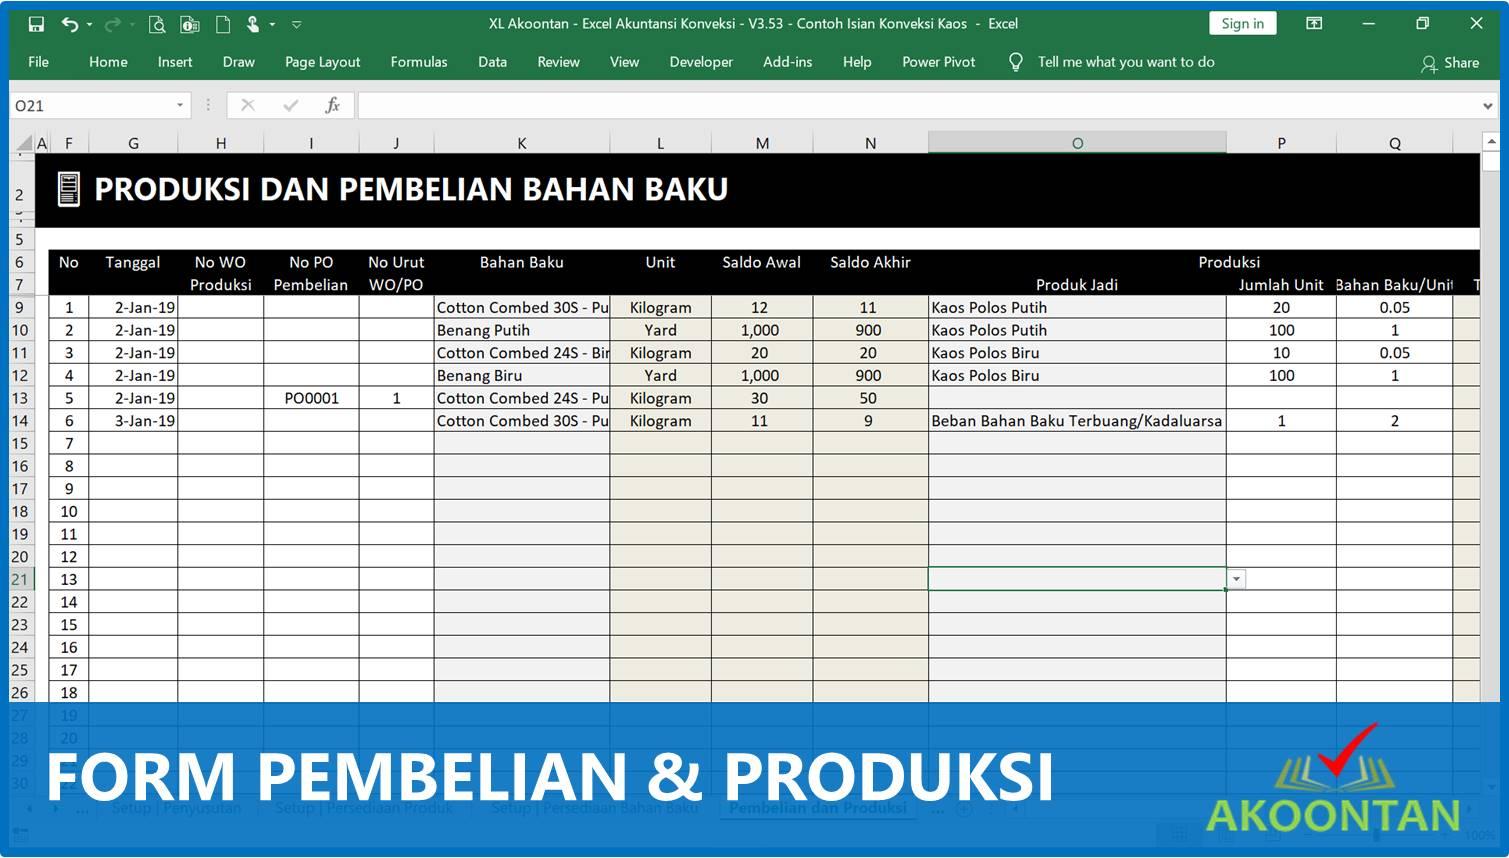 Contoh Form Pembelian dan Produksi Konveksi - Akuntansi-ID